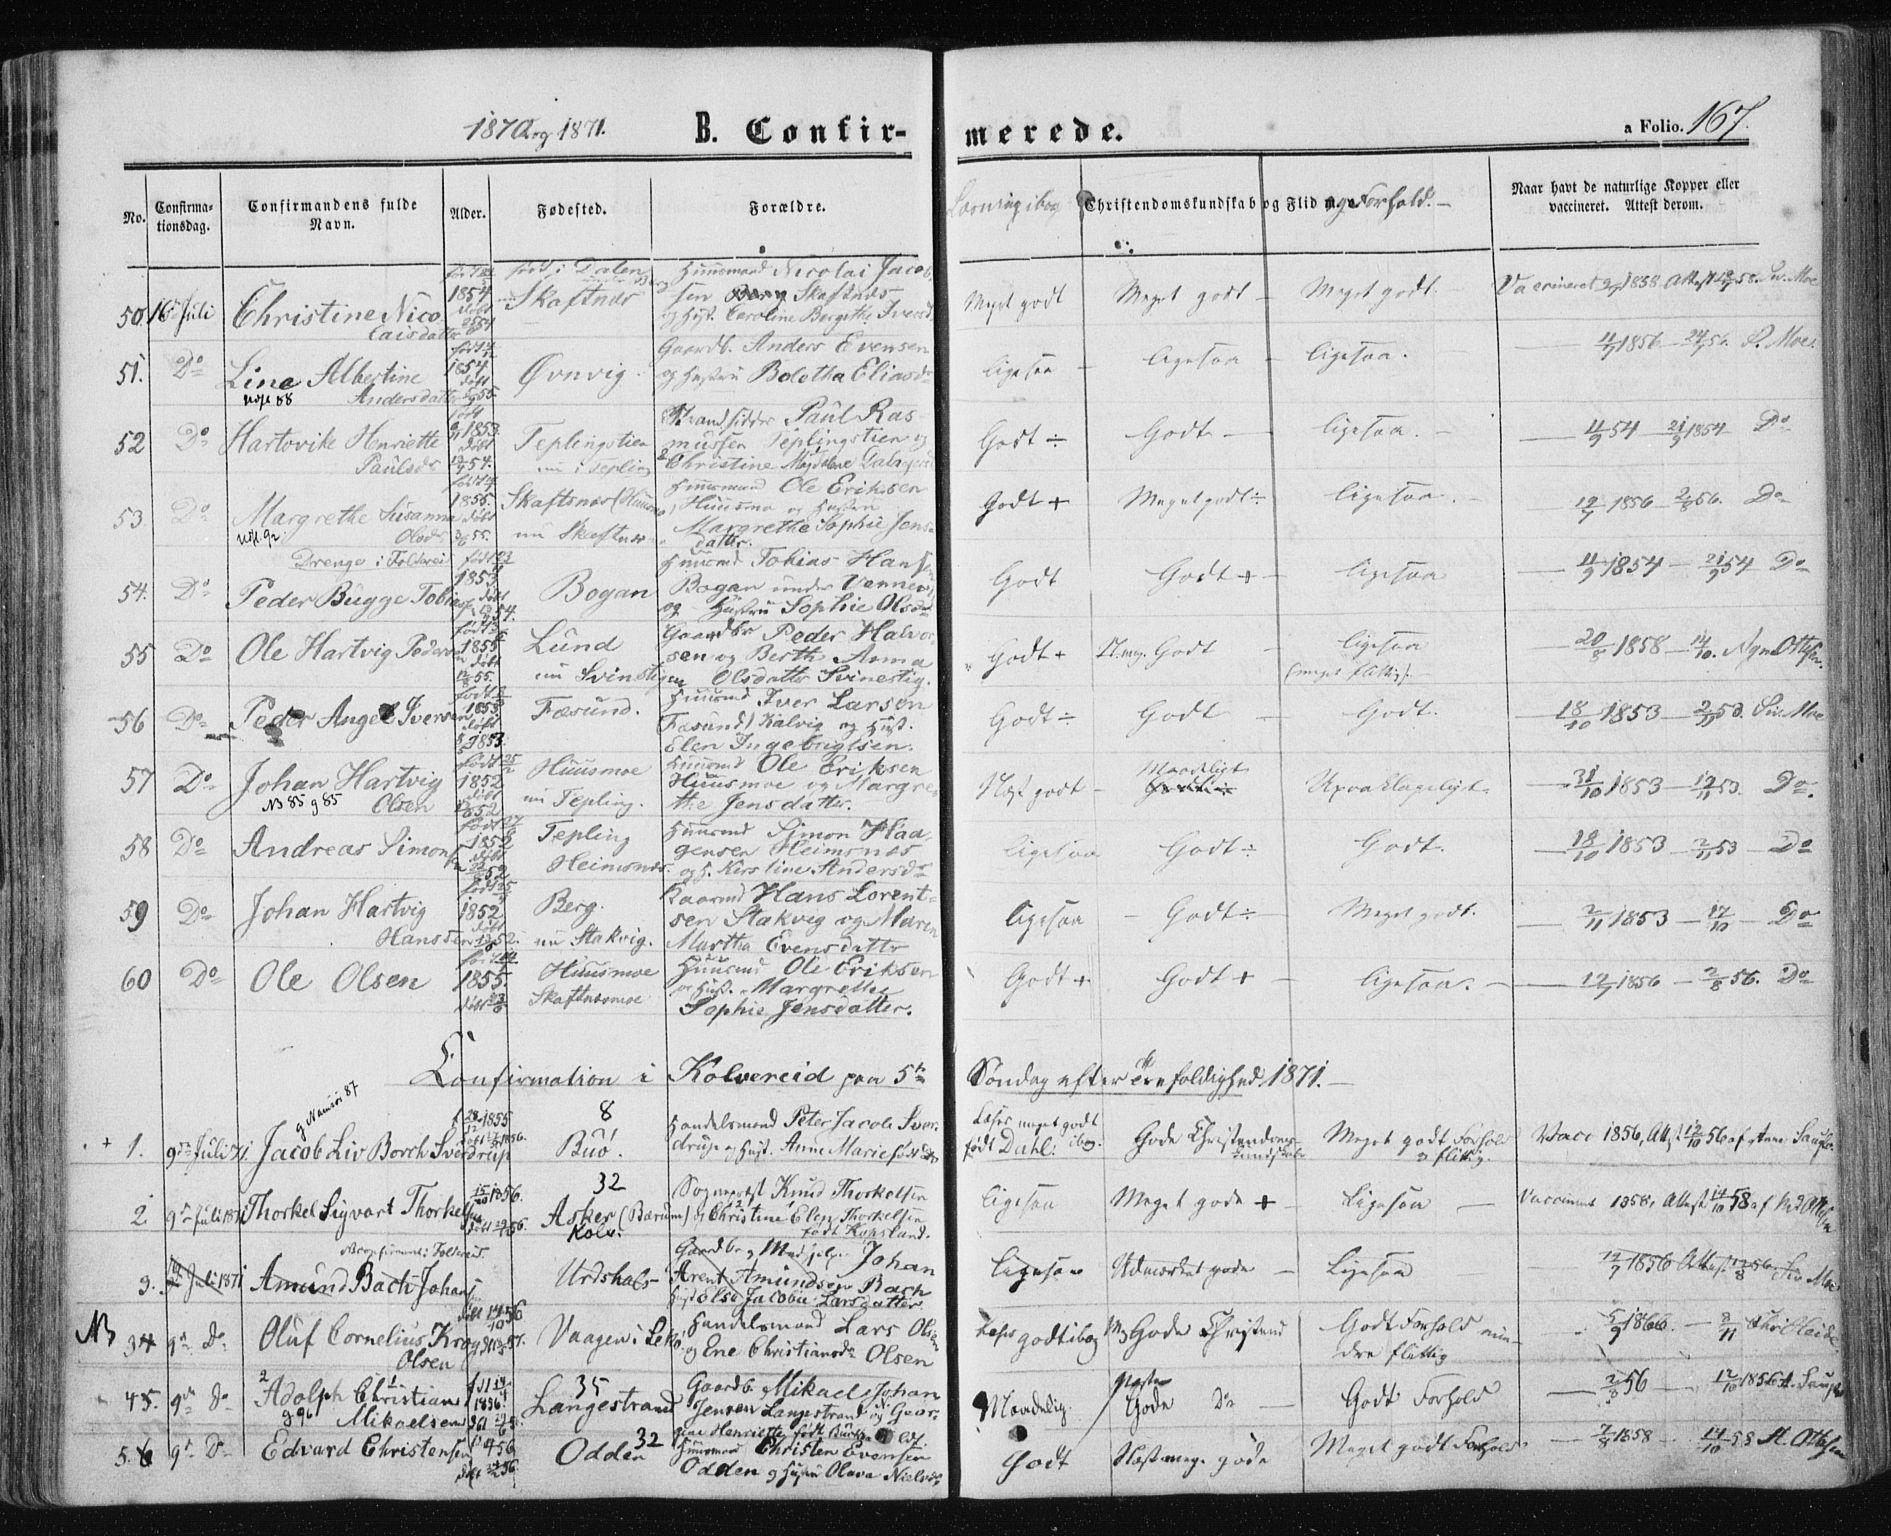 SAT, Ministerialprotokoller, klokkerbøker og fødselsregistre - Nord-Trøndelag, 780/L0641: Ministerialbok nr. 780A06, 1857-1874, s. 167